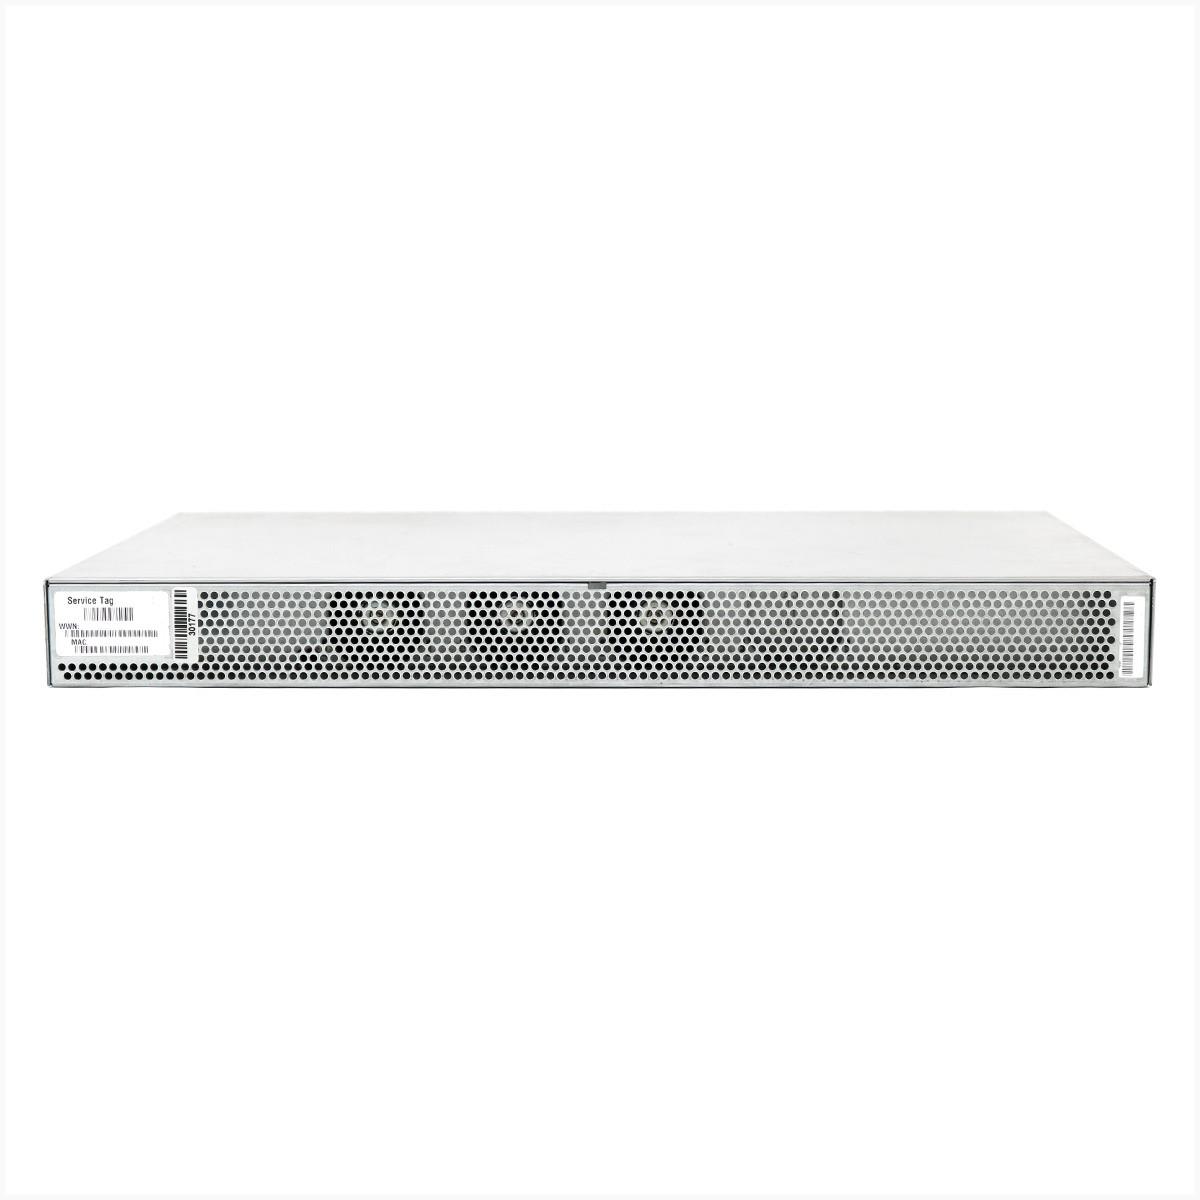 Switch brocade 200e gigabits 48 portas - usado